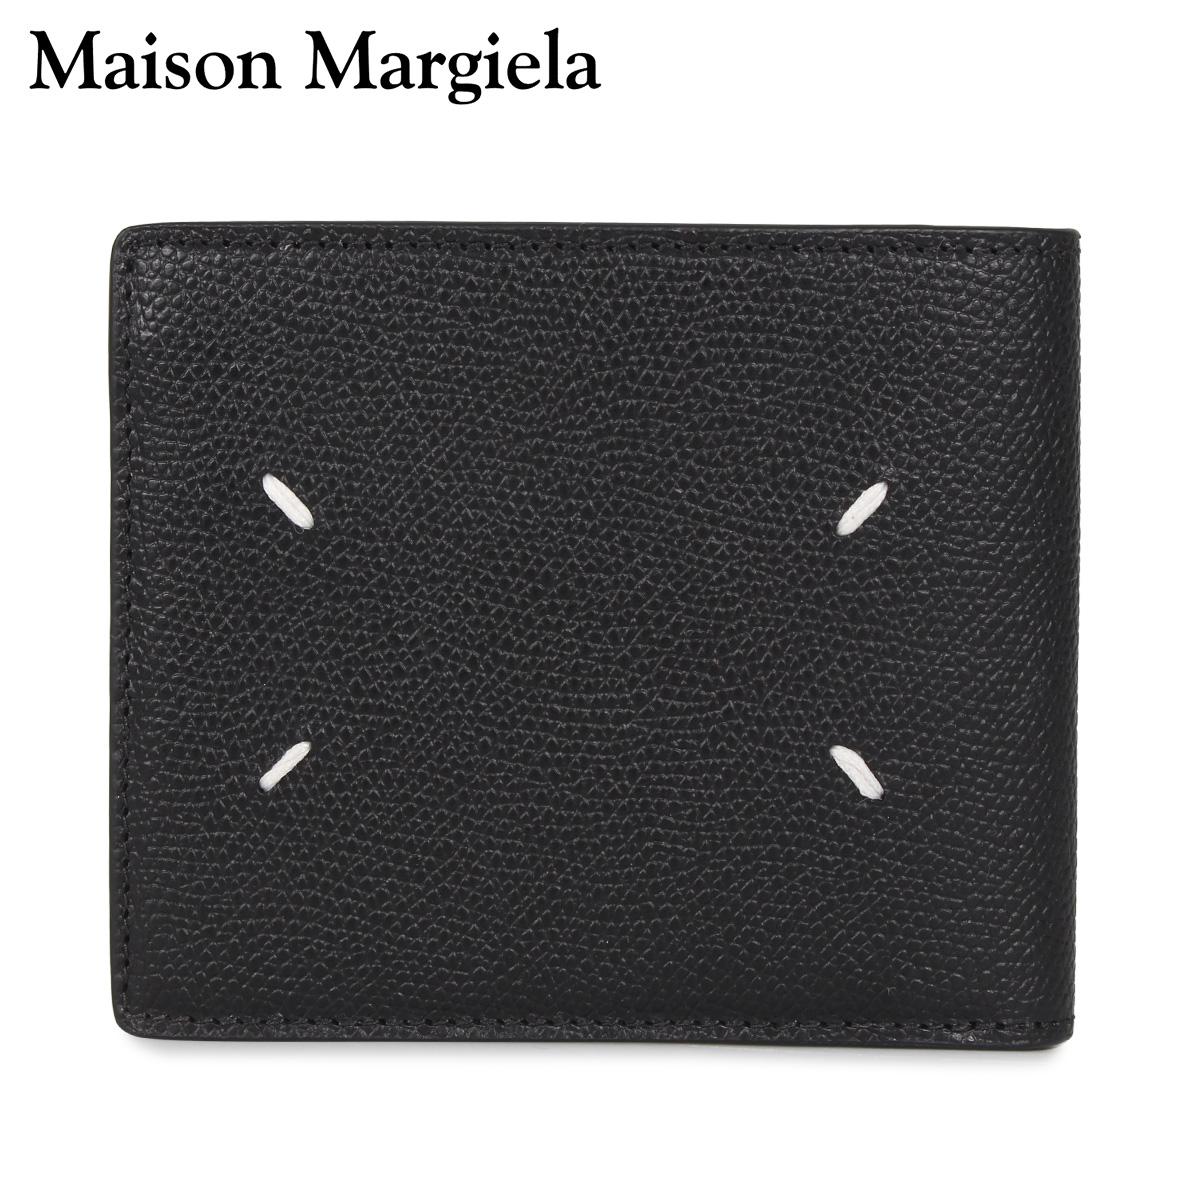 MAISON MARGIELA メゾンマルジェラ 財布 二つ折り メンズ レディース WALLET ブラック 黒 S35UI0435-T8013 [3/4 新入荷]